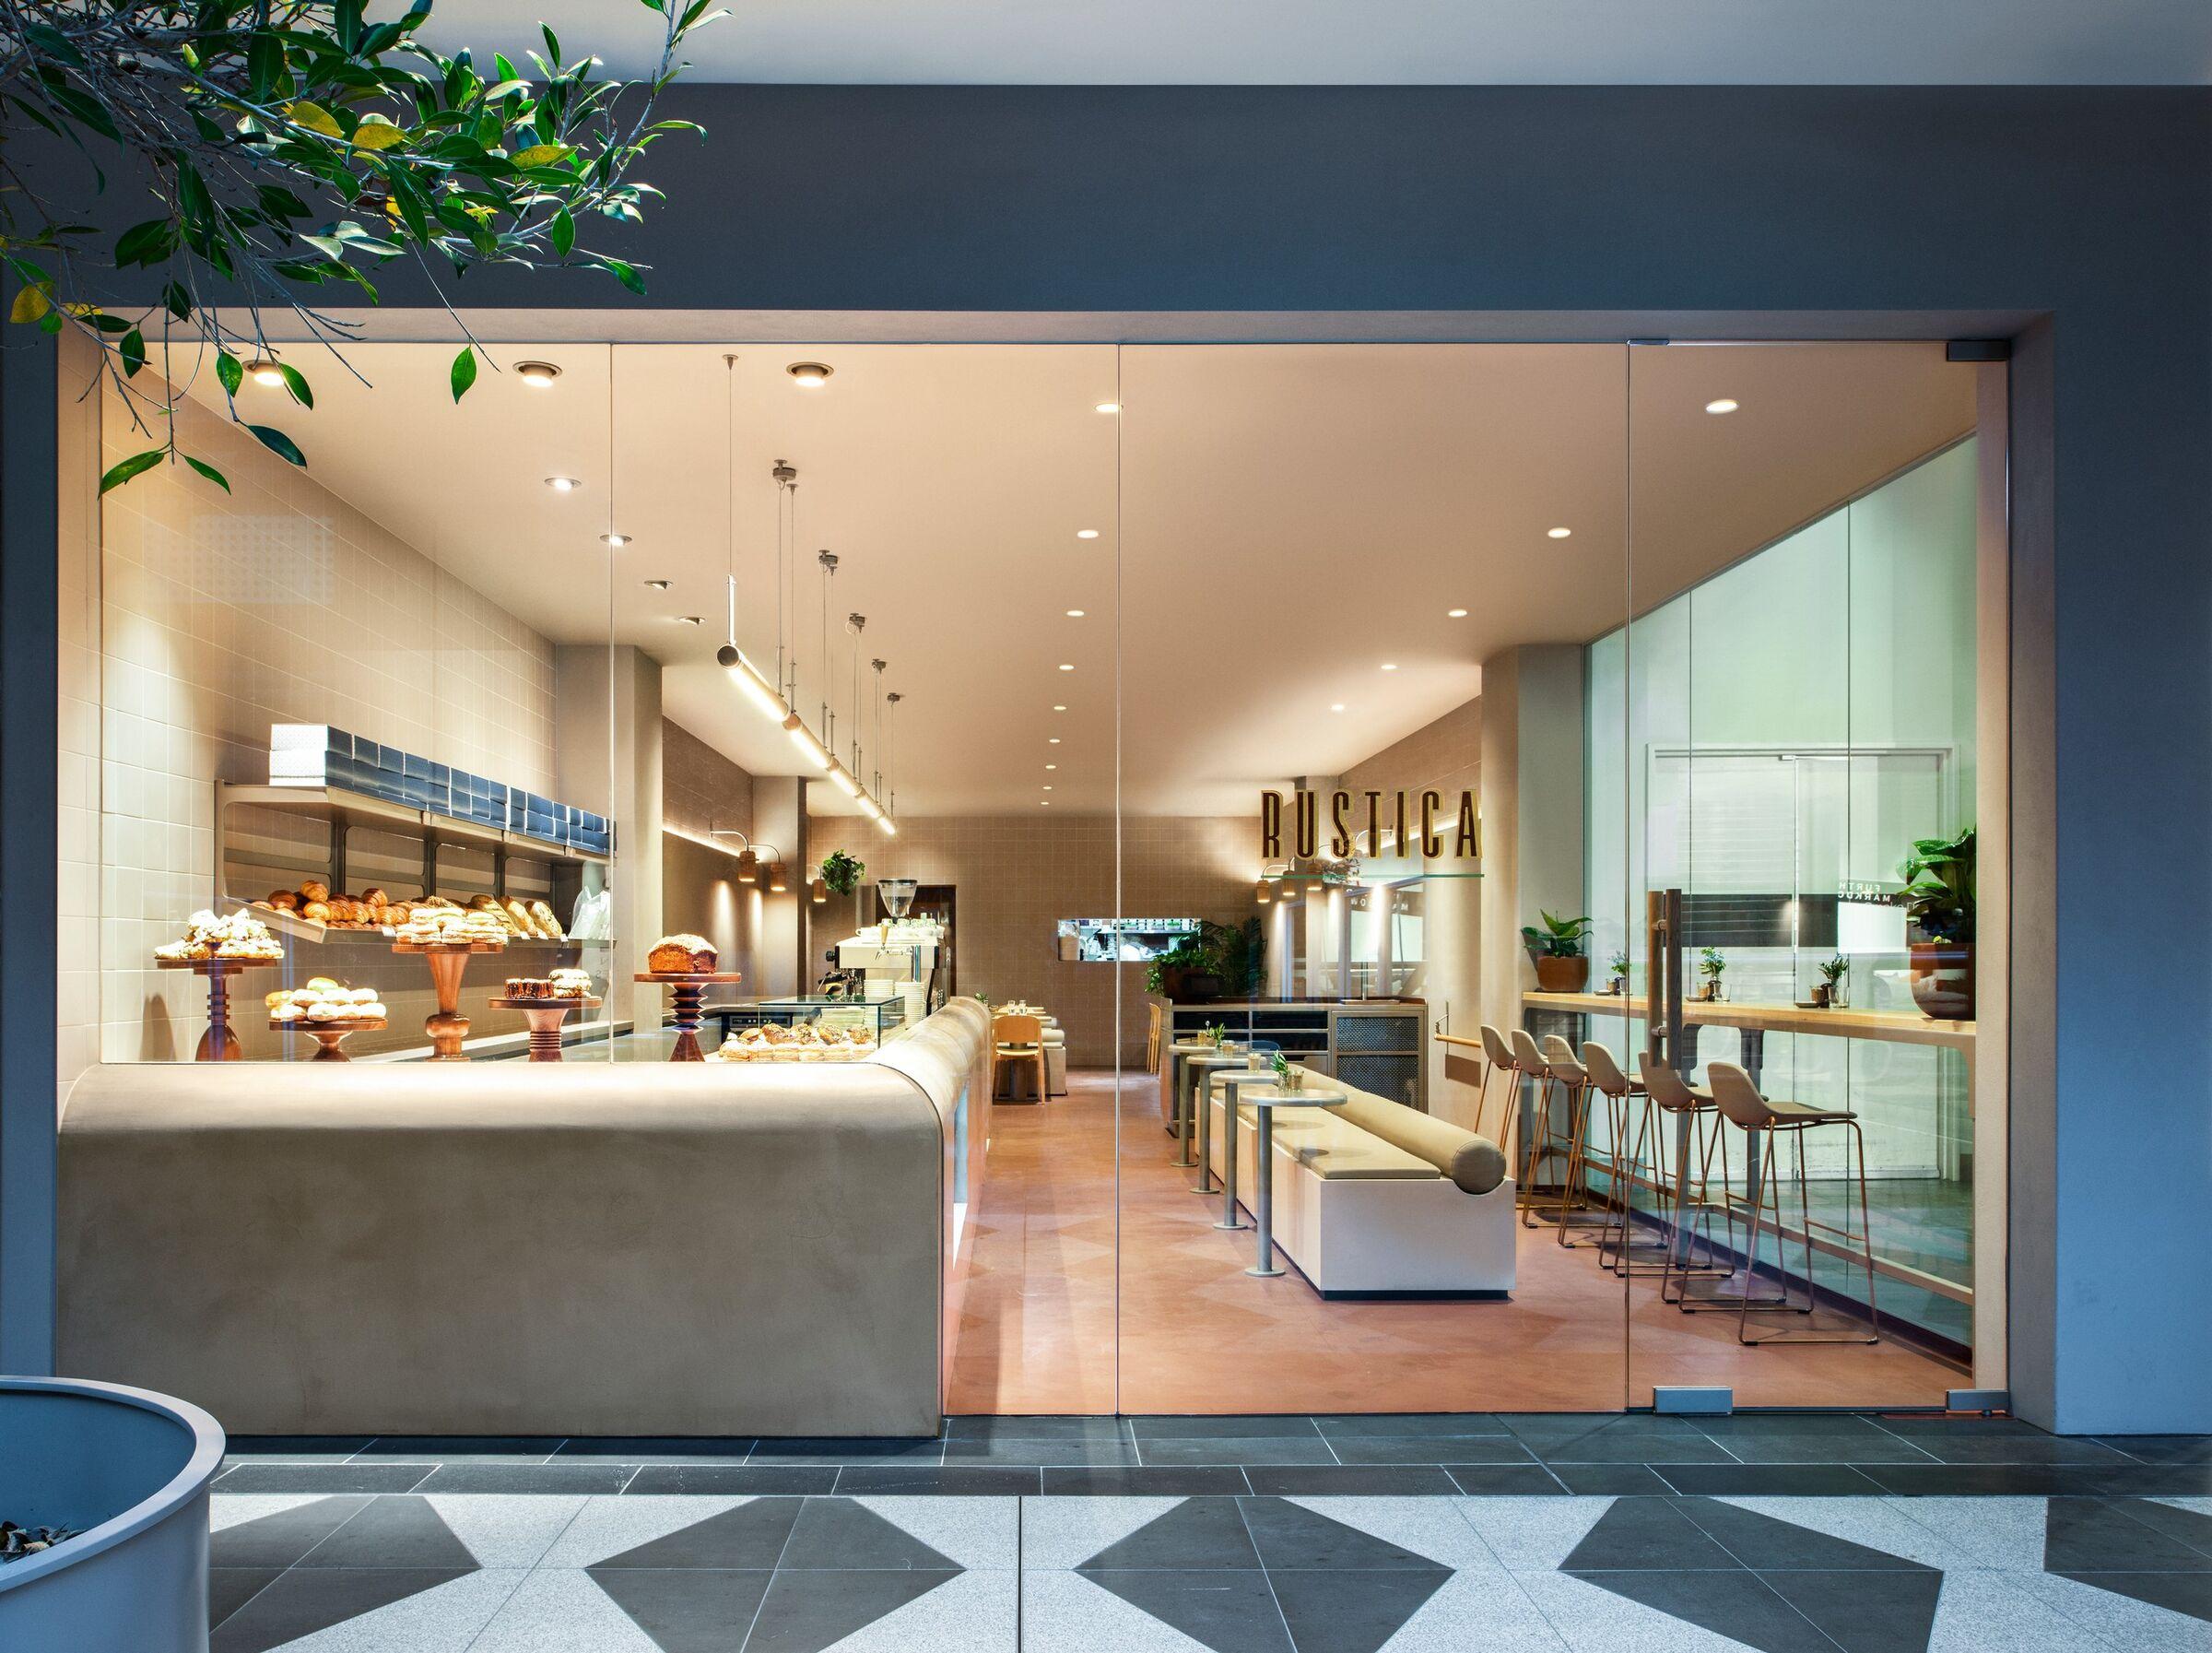 Rustica - Melbourne Central | Bergman & Co | Archello